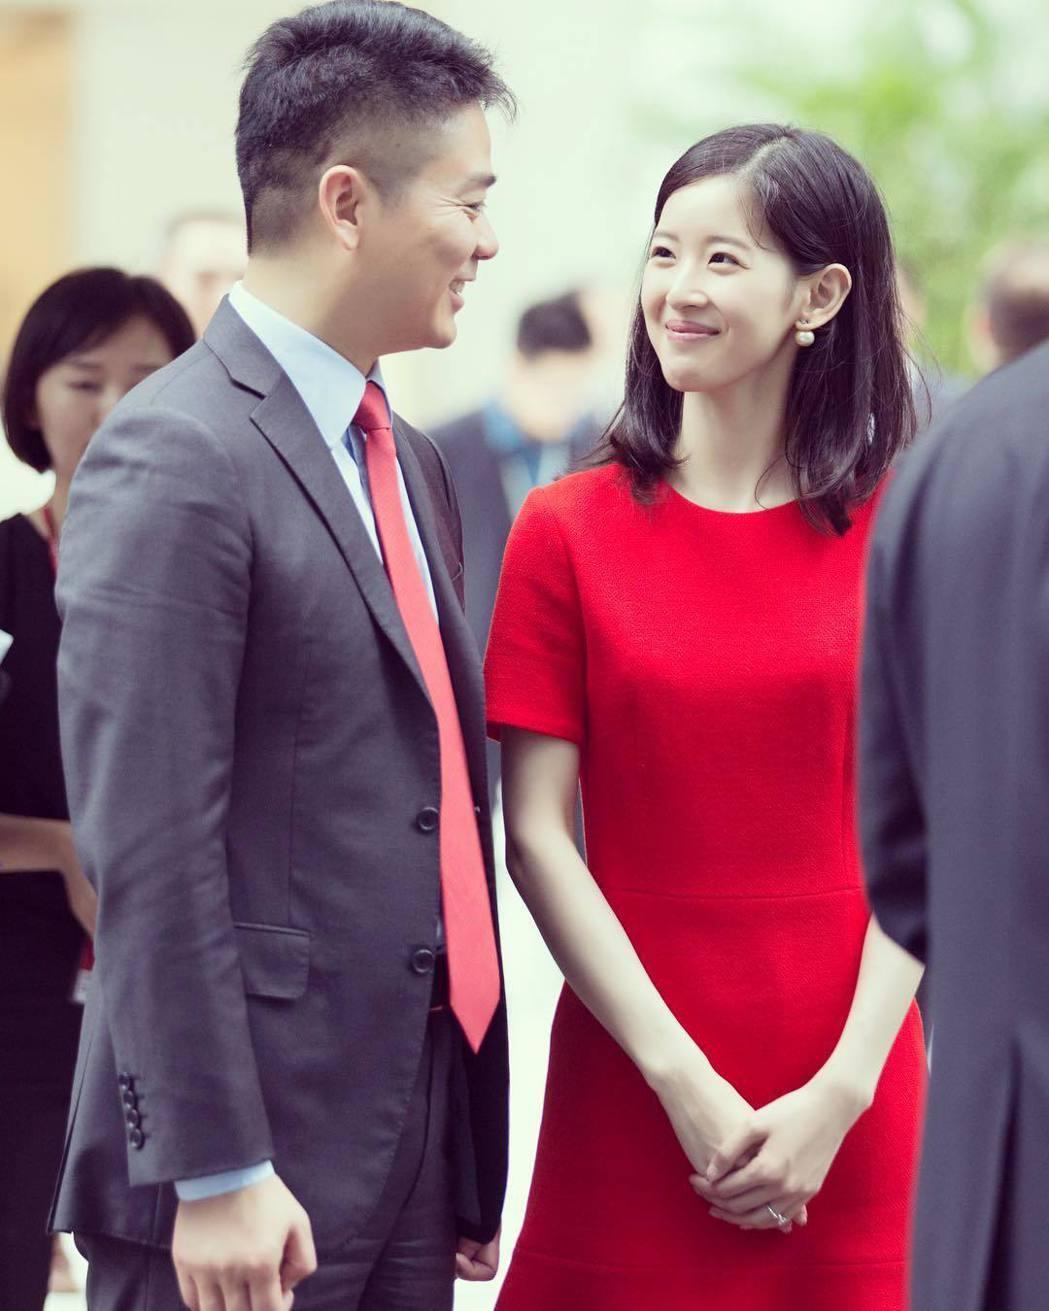 劉強東與奶茶妹於2015年結婚。圖/擷自instagram。